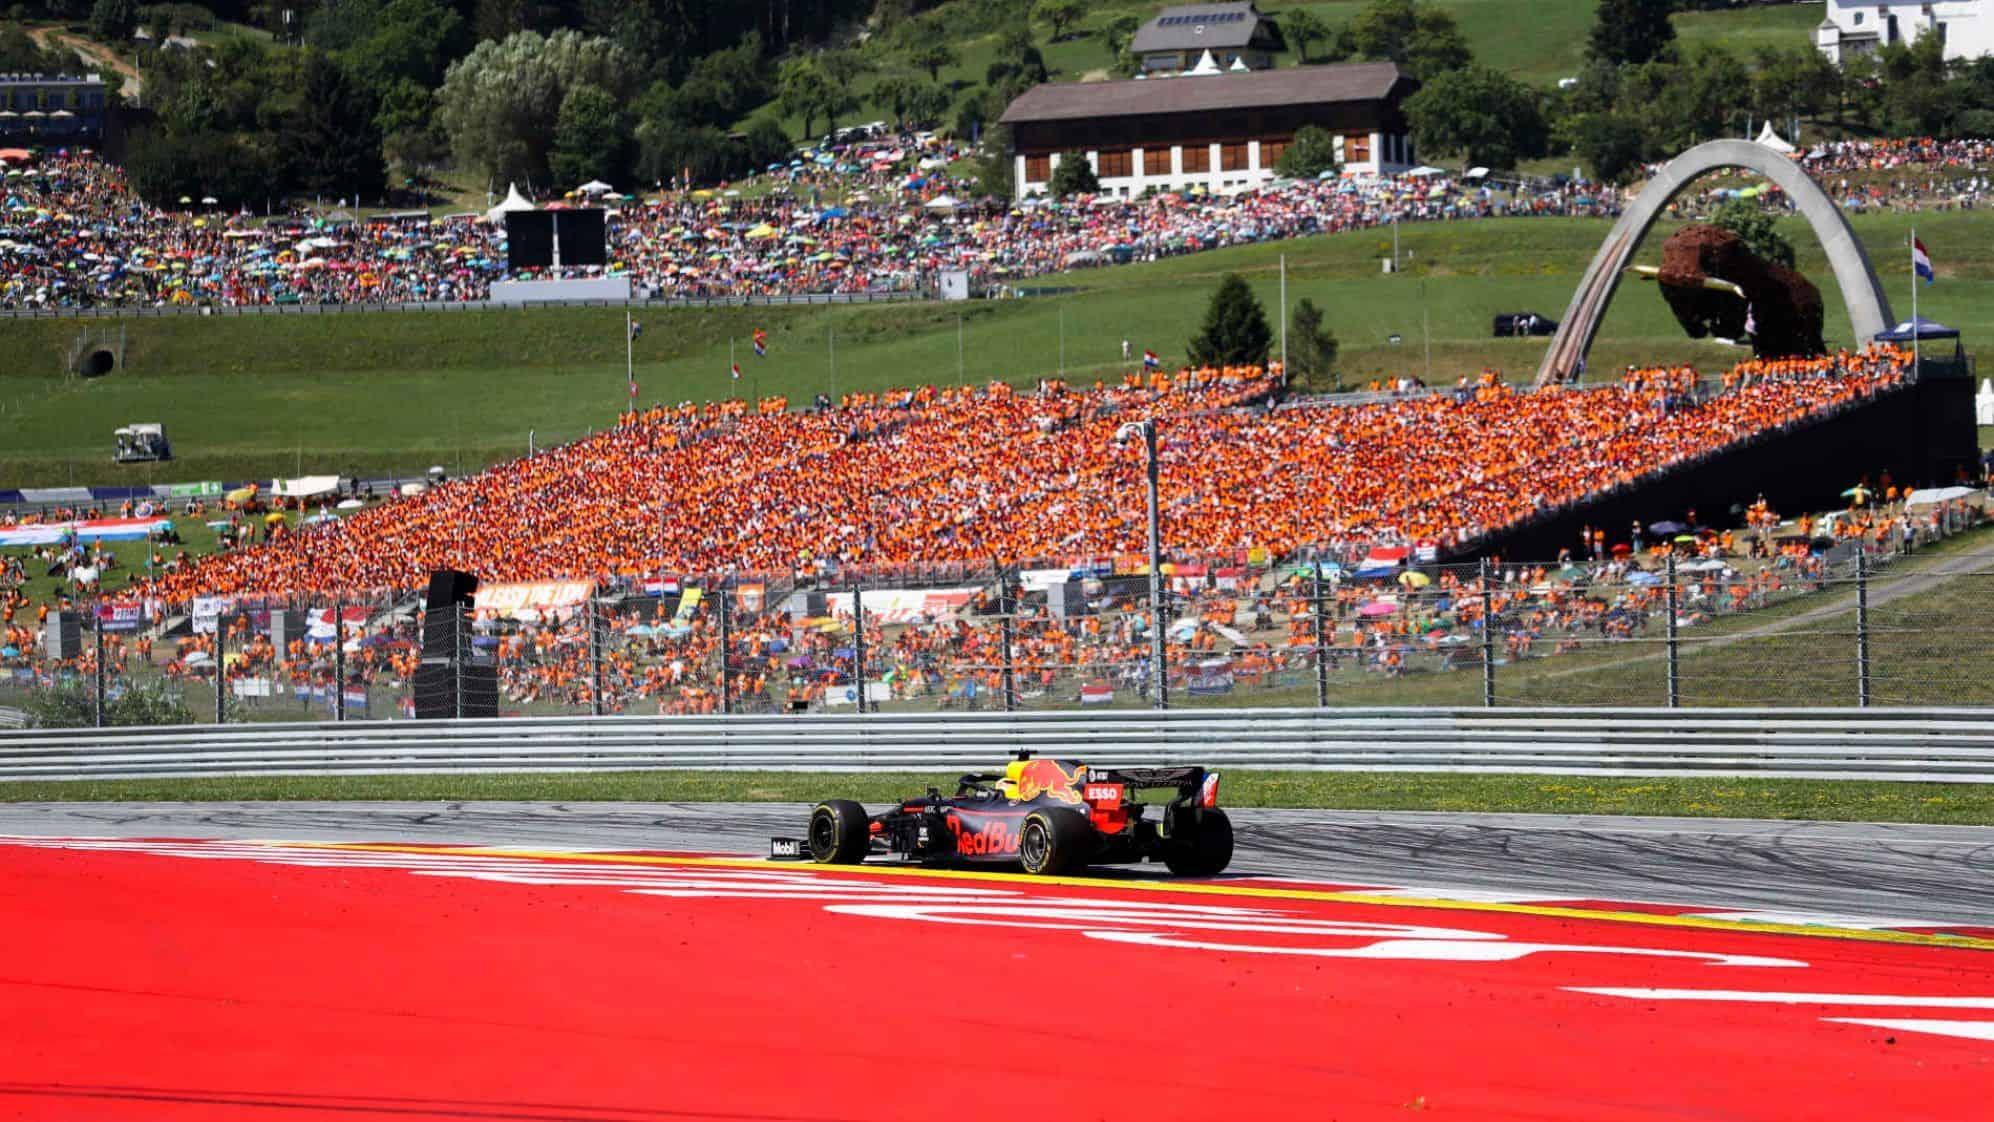 Grand Prix® van Oostenrijk - Spielberg 2020 deel II